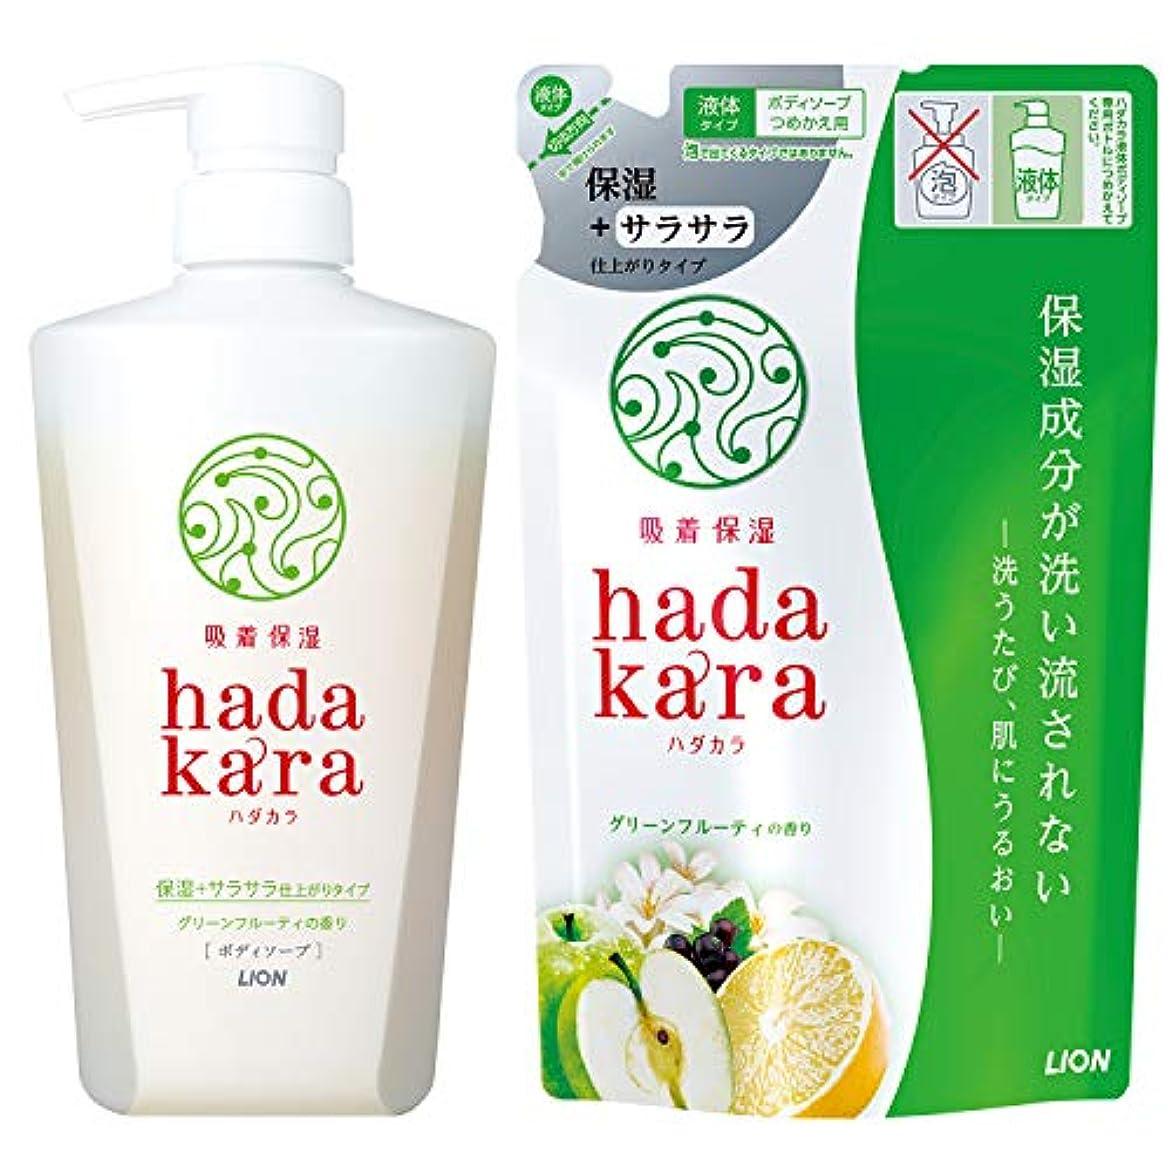 没頭する効率髄hadakara(ハダカラ) ボディソープ 保湿+サラサラ仕上がりタイプ グリーンフルーティの香り (本体480ml+つめかえ340ml) グリーンフルーティ(保湿+サラサラ仕上がり) +